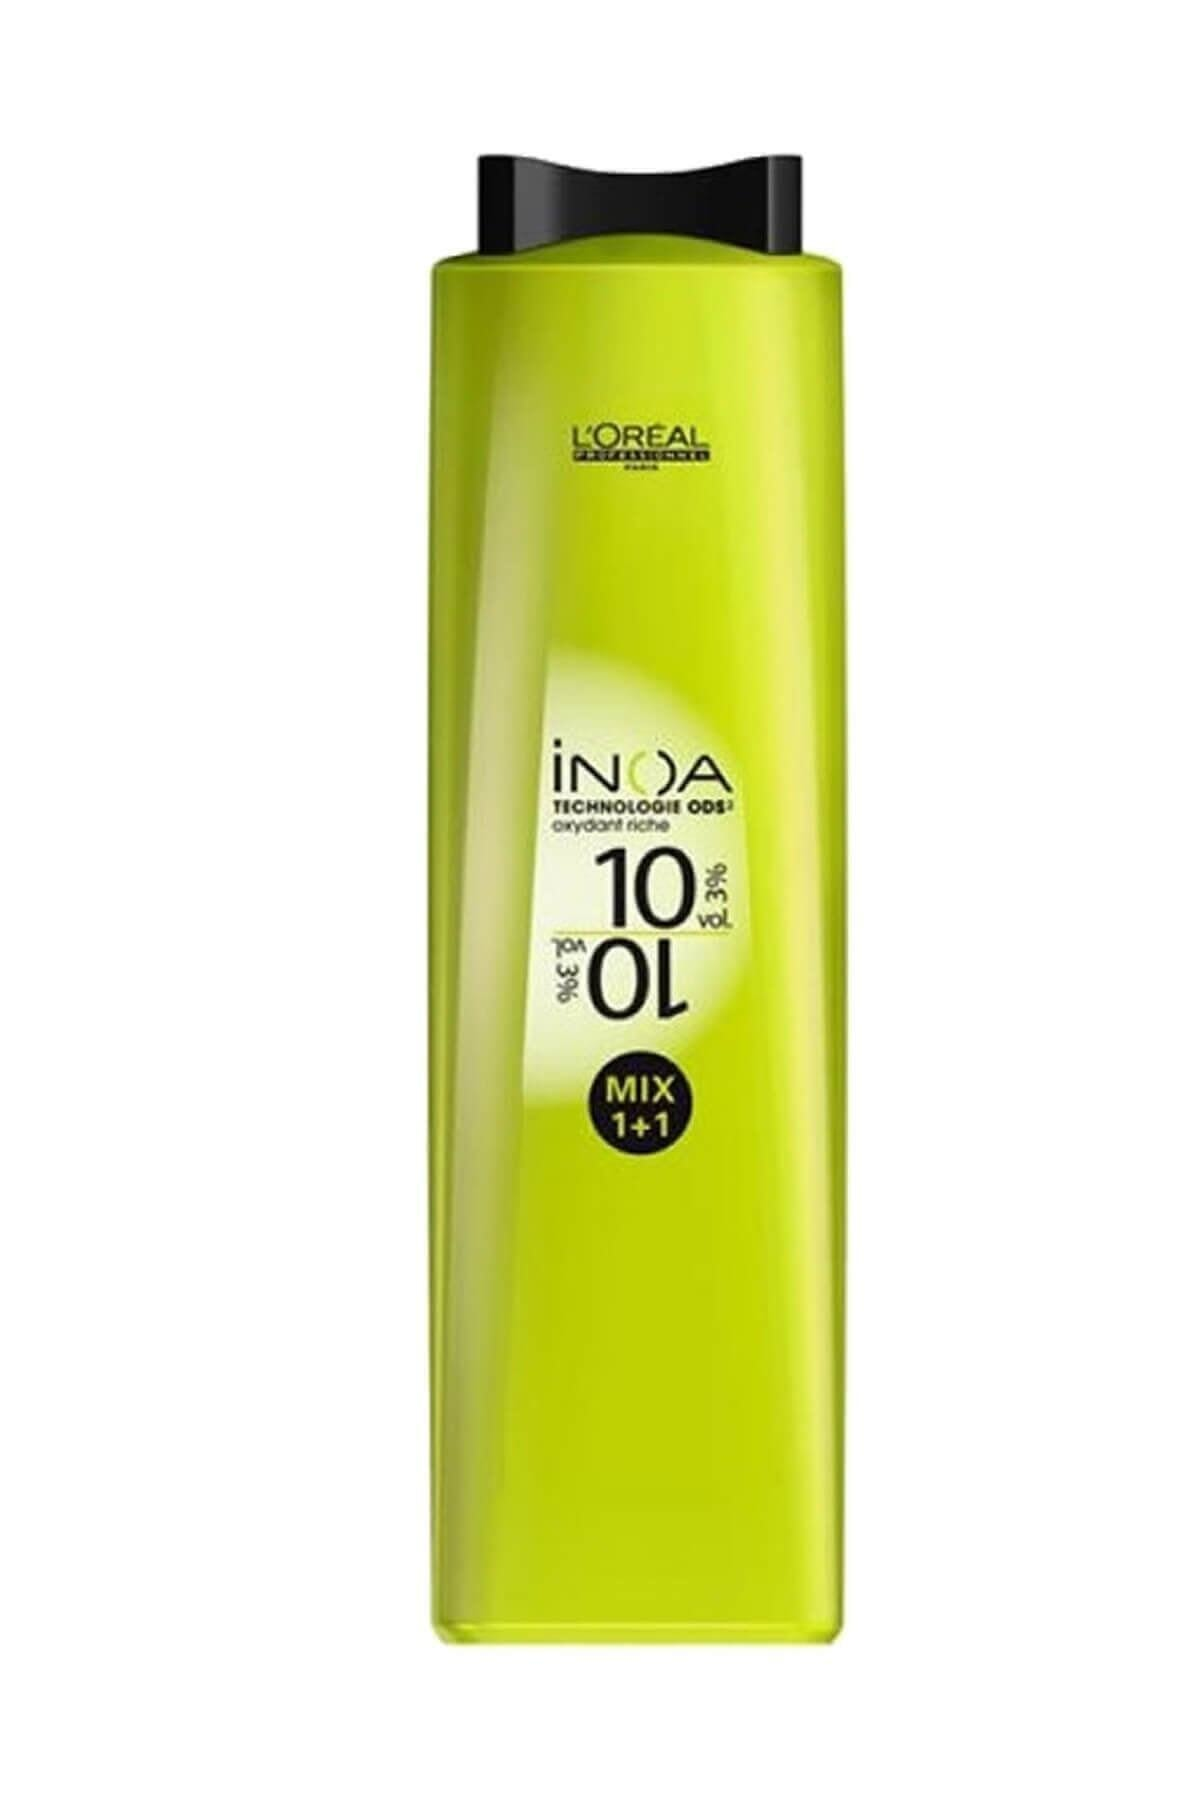 Inoa Oksidan 10 Vol %6 3474630417762